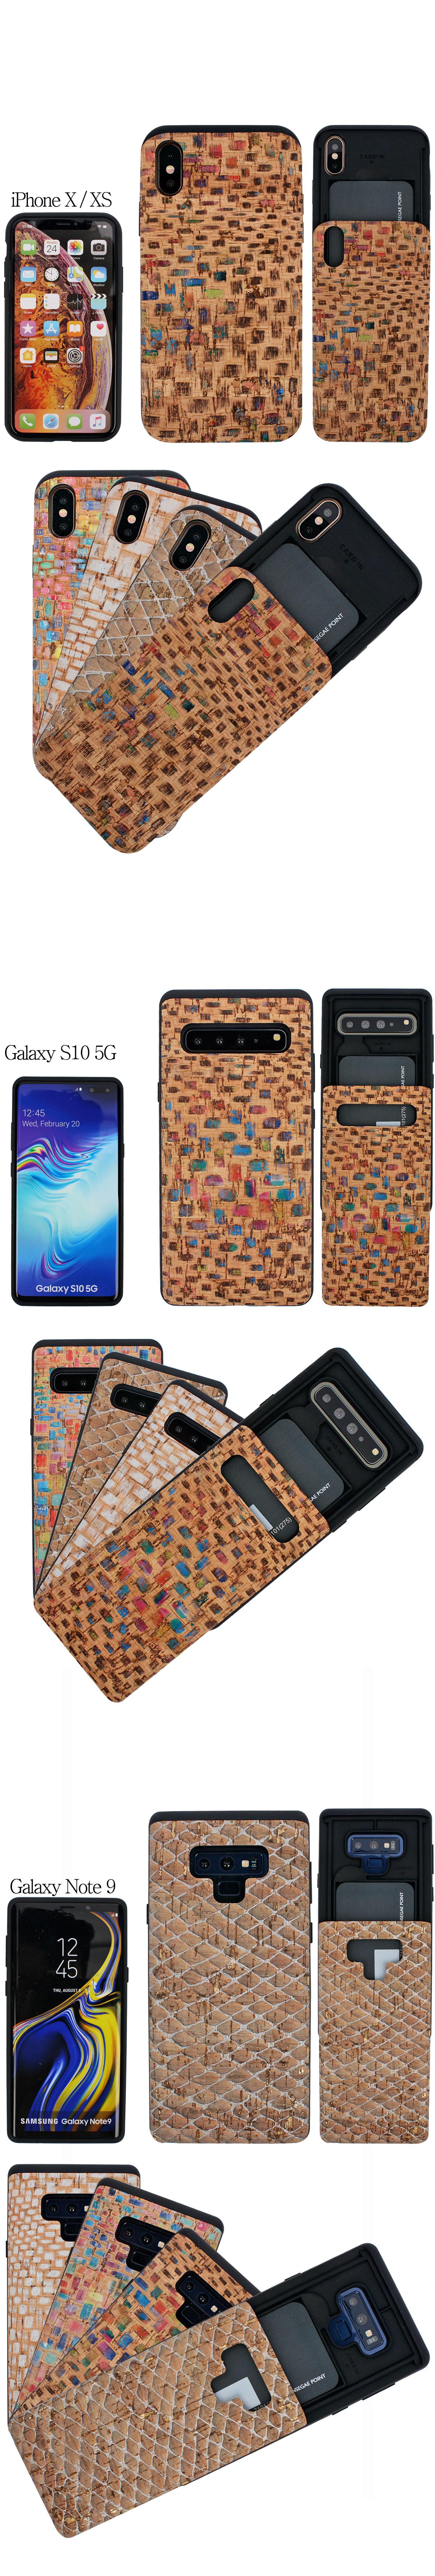 핸드폰케이스,아이폰7,아이폰7플러스,아이폰8,아이폰8플러스,아이폰x,아이폰xs,iPhone,GALAXY,s9,s10,s105g,note9